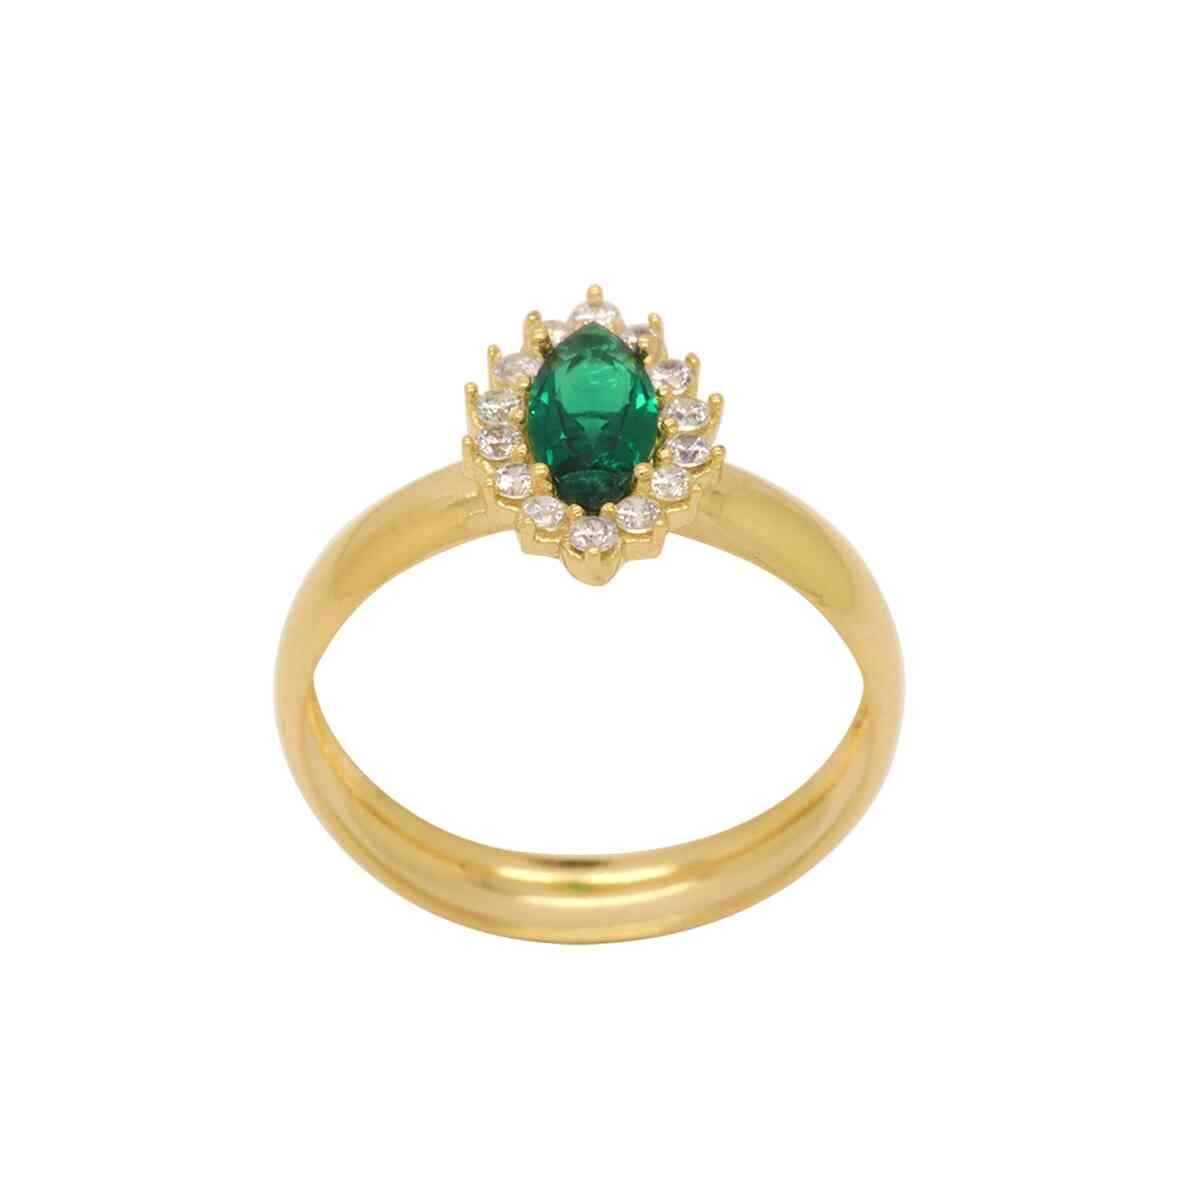 Anel de Formatura Ouro 18k Aro Abaulado com Zircônia Verde e Branca